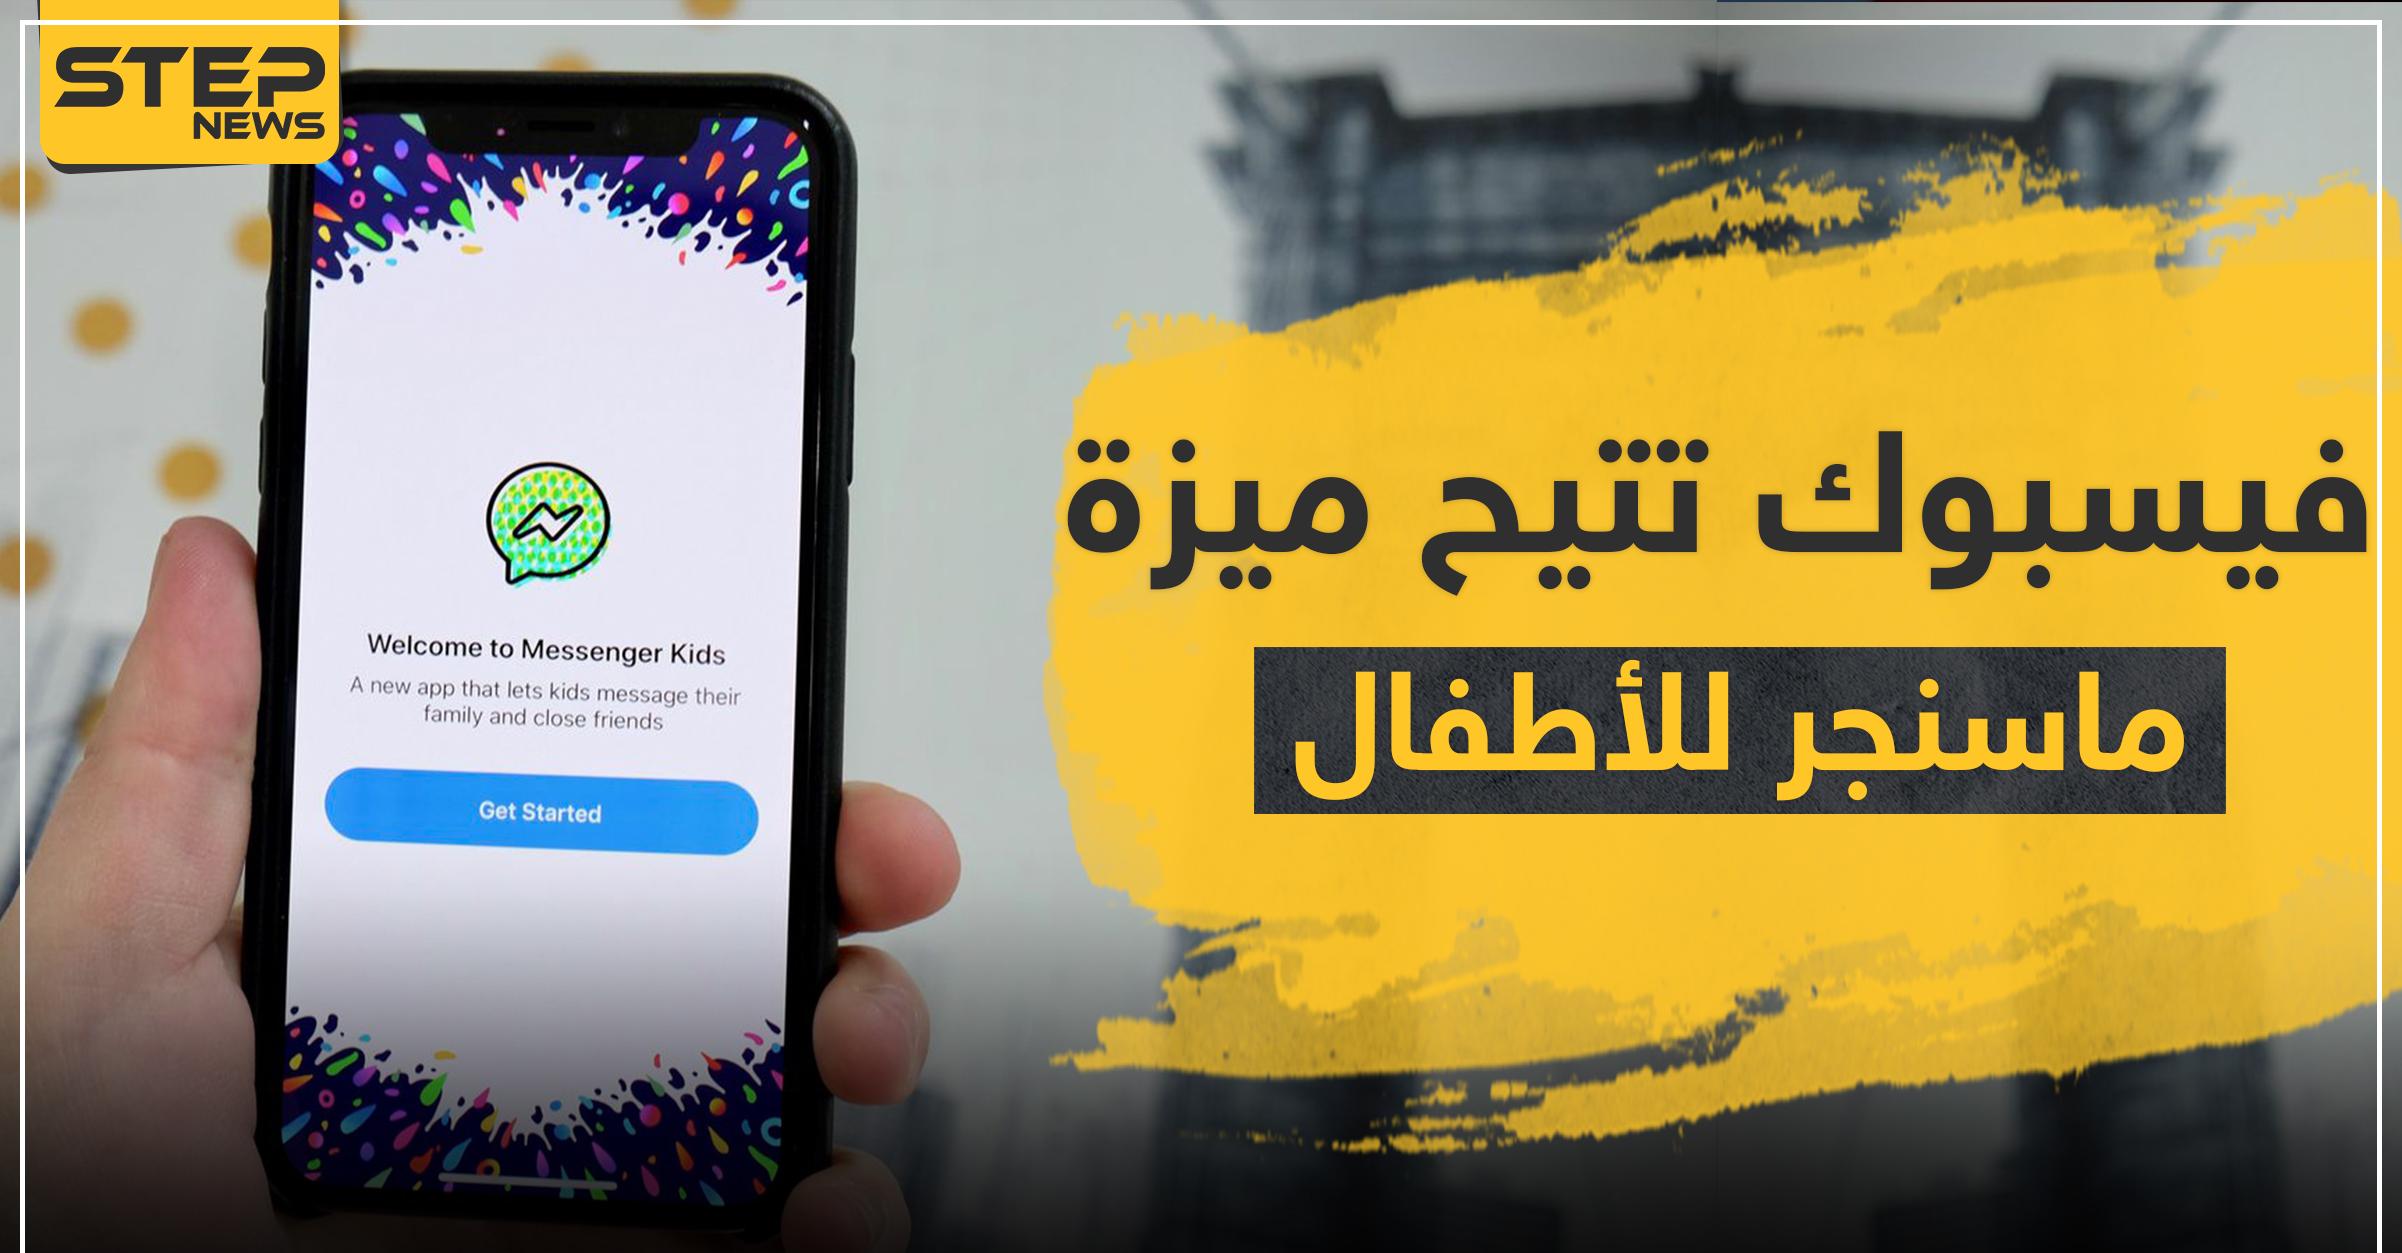 """فيسبوك تتيح ميزة """"ماسنجر للأطفال"""" في عدة دول عربية.. إليك آلية عمله"""